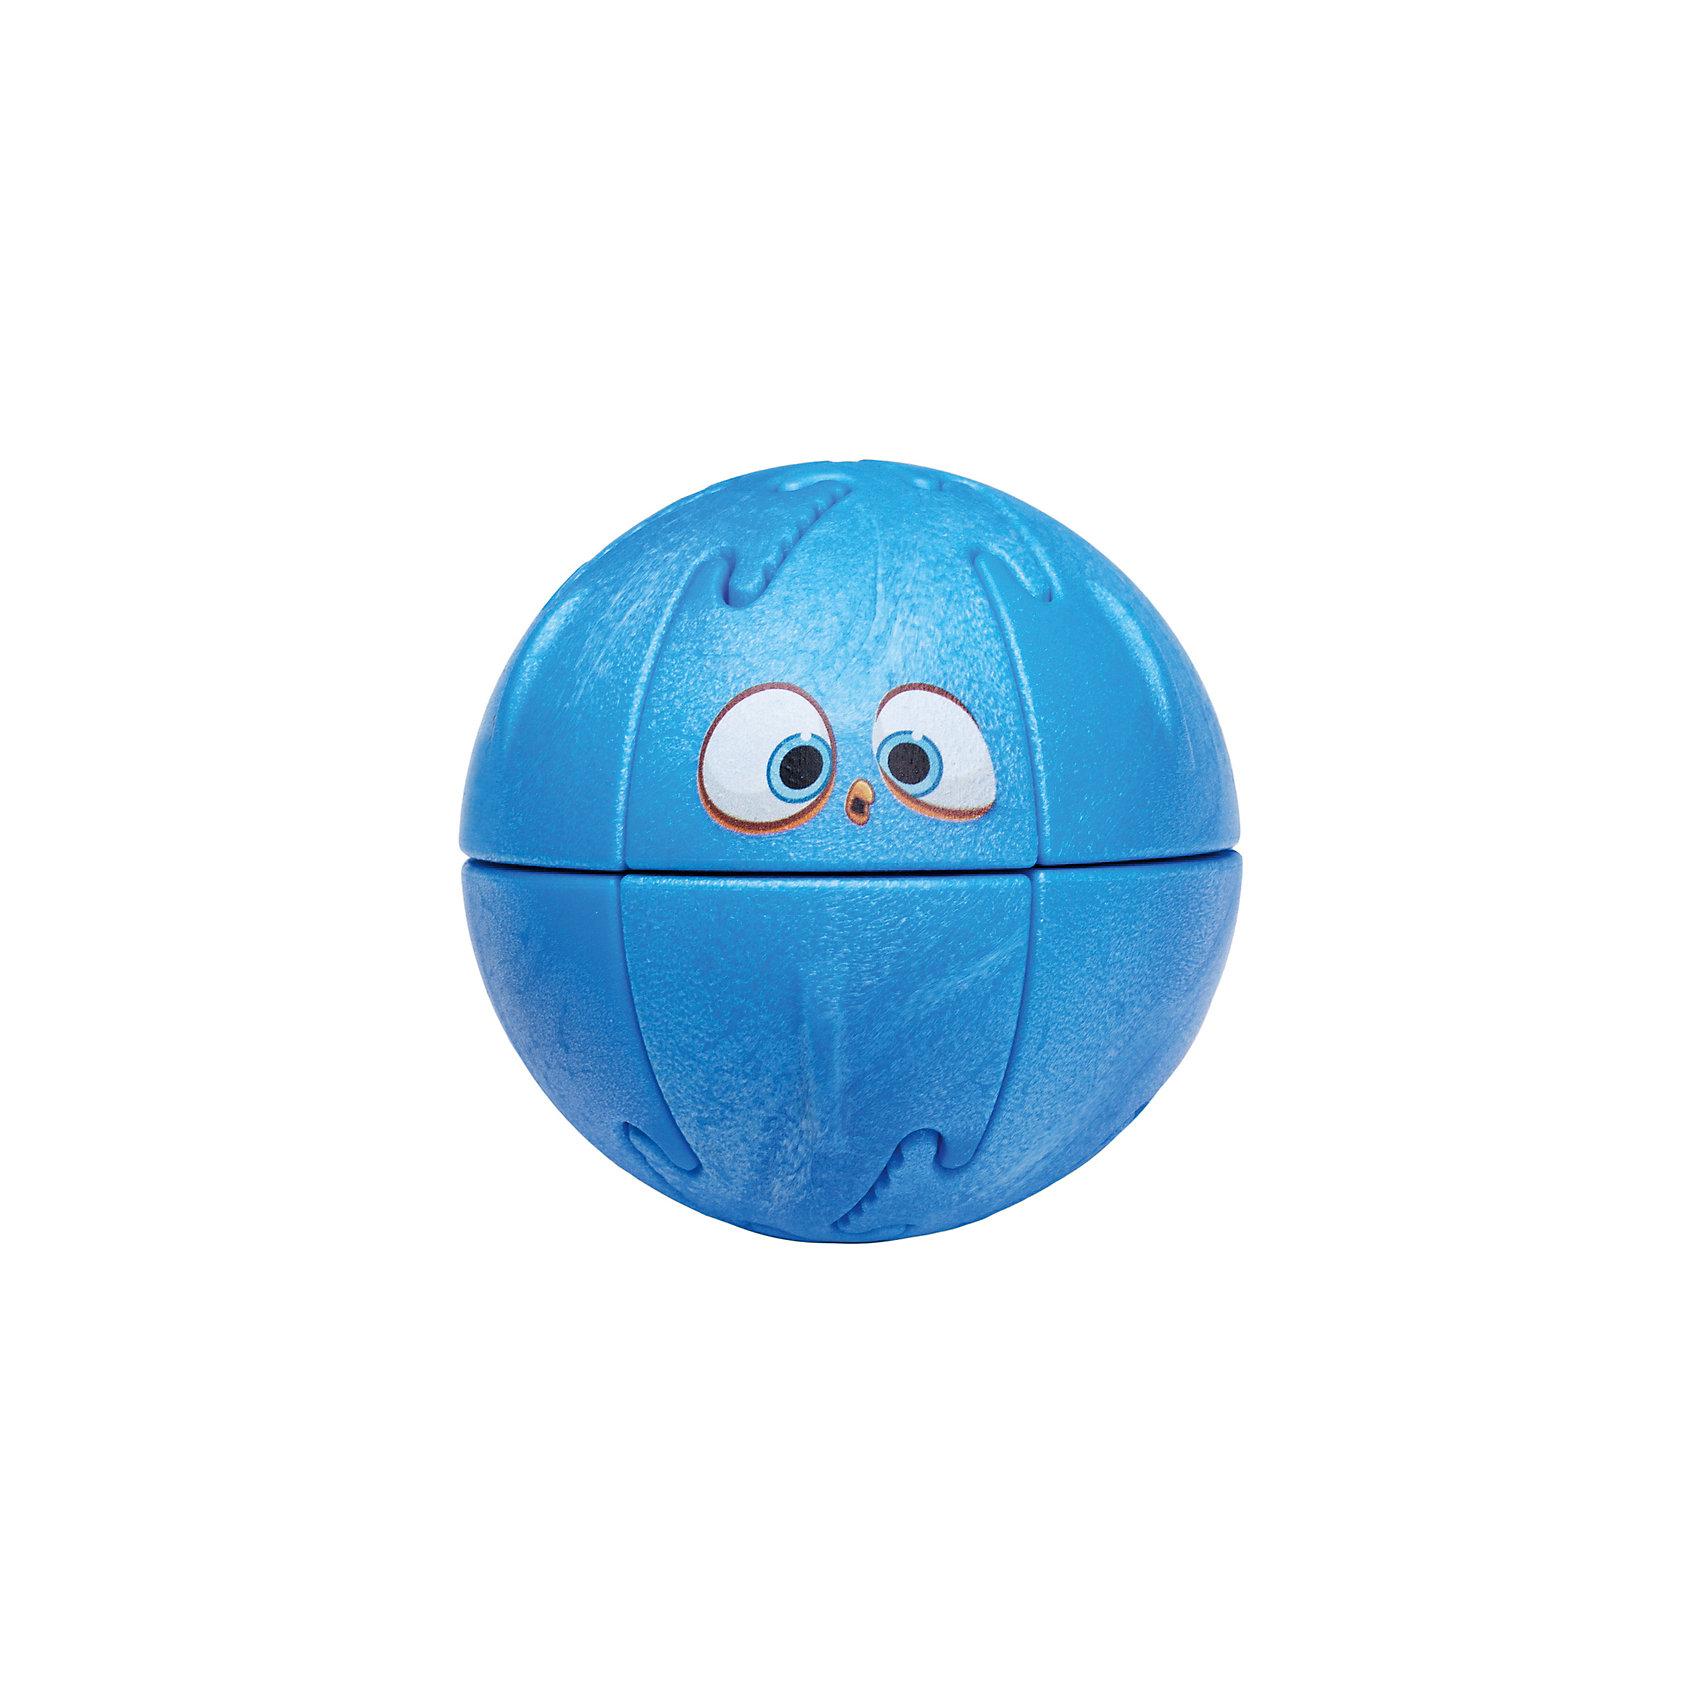 Крашики Blue, Angry BirdsКрашики Blue, Angry Birds – развивающий многофункциональный объемный магнитный пазл, новое слово в мире детских игр и головоломок.<br>Собери персонажа Angry Birds с новым объемным пазлом Крашик. Помоги любопытной синей птички раскрыть козни коварных свинок и не дай воришкам улизнуть с яйцами. Крашик Angry Birds не имеющий аналогов на рынке, поможет скрасить досуг любого ребенка, группы детей, или даже их родителей. С необычной головоломкой можно придумывать различные вариации веселой игры, что поможет отвлечь современных детей от планшетов и телефонов. Детали головоломки соединяются друг с другом с помощью пазов и удерживаются магнитами. Задача состоит в том, чтобы правильно соединить детали и собрать персонажа из Angry Birds. При этом необходимо учитывать магнитные полюса каждой детали, что познакомит детей с основами магнетизма. Также внутри каждого пазла находится небольшое пластиковое яйцо. С крашиками можно играть как самостоятельно, так и в компании друзей. Чем больше детей и пазлов – тем интереснее играть! Можно собрать своего неповторимого персонажа, соединив детали от разных крашиков или выстроив в ряд свинок, выбивать их птичками, пока их свинок не выпадет пластиковое яйцо. Крашики Angry Birds изготовлены из качественного безопасного материала на современном оборудовании. Крашики Angry Birds не только вернут современному поколению веселое и активное детство вдали от новомодных гаджетов, но и помогут развить логическое мышление и мелкую моторику рук. Дети и родители будут в восторге от этой красочной и многогранной игрушки!<br><br>Дополнительная информация:<br><br>- Количество частей пазла: 12<br>- Материал: полипропилен<br>- Сила удерживания половинок: 7 кг.<br>- Размер упаковки: 15,5х15,5 х10 см.<br>- Вес: 310 гр.<br><br>Крашики Blue, Angry Birds можно купить в нашем интернет-магазине.<br><br>Ширина мм: 150<br>Глубина мм: 150<br>Высота мм: 100<br>Вес г: 300<br>Возраст от месяцев: 36<br>Возраст до месяцев: 96<br>Пол: Унисекс<br>Воз